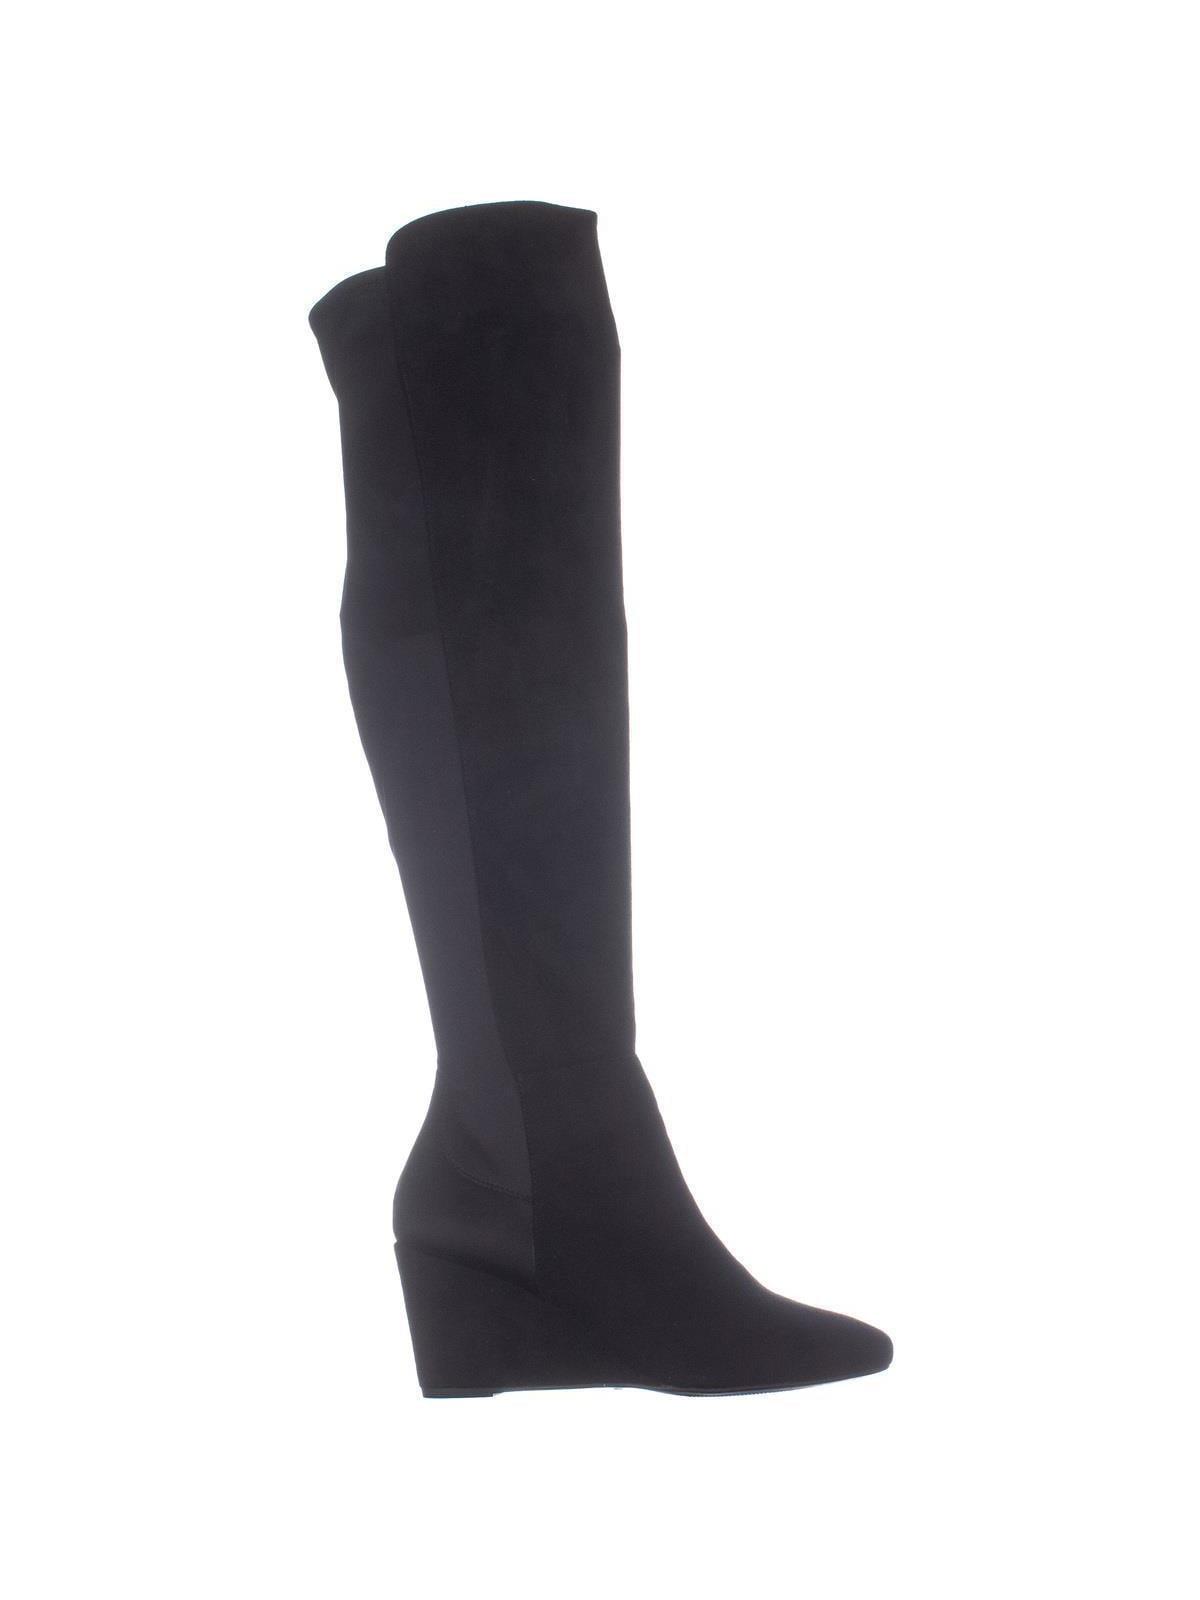 ZIGI Heide Wedge Over The Knee Boots